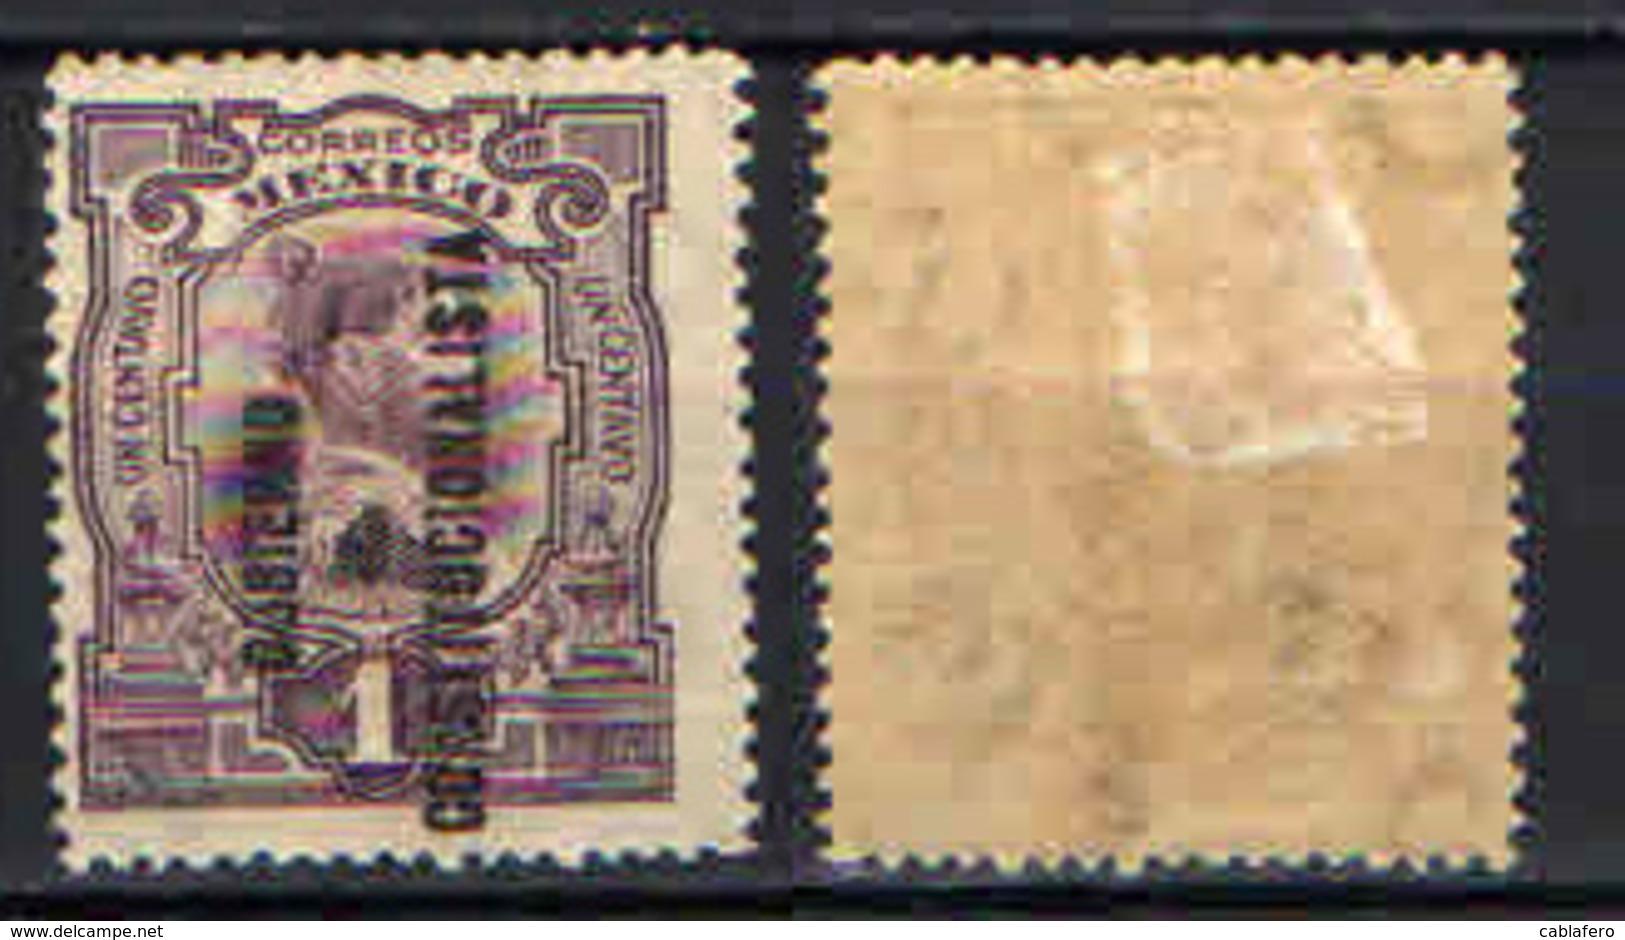 MESSICO - 1914 - GOBIERNO COSTITUCIONALISTA - MH - Messico